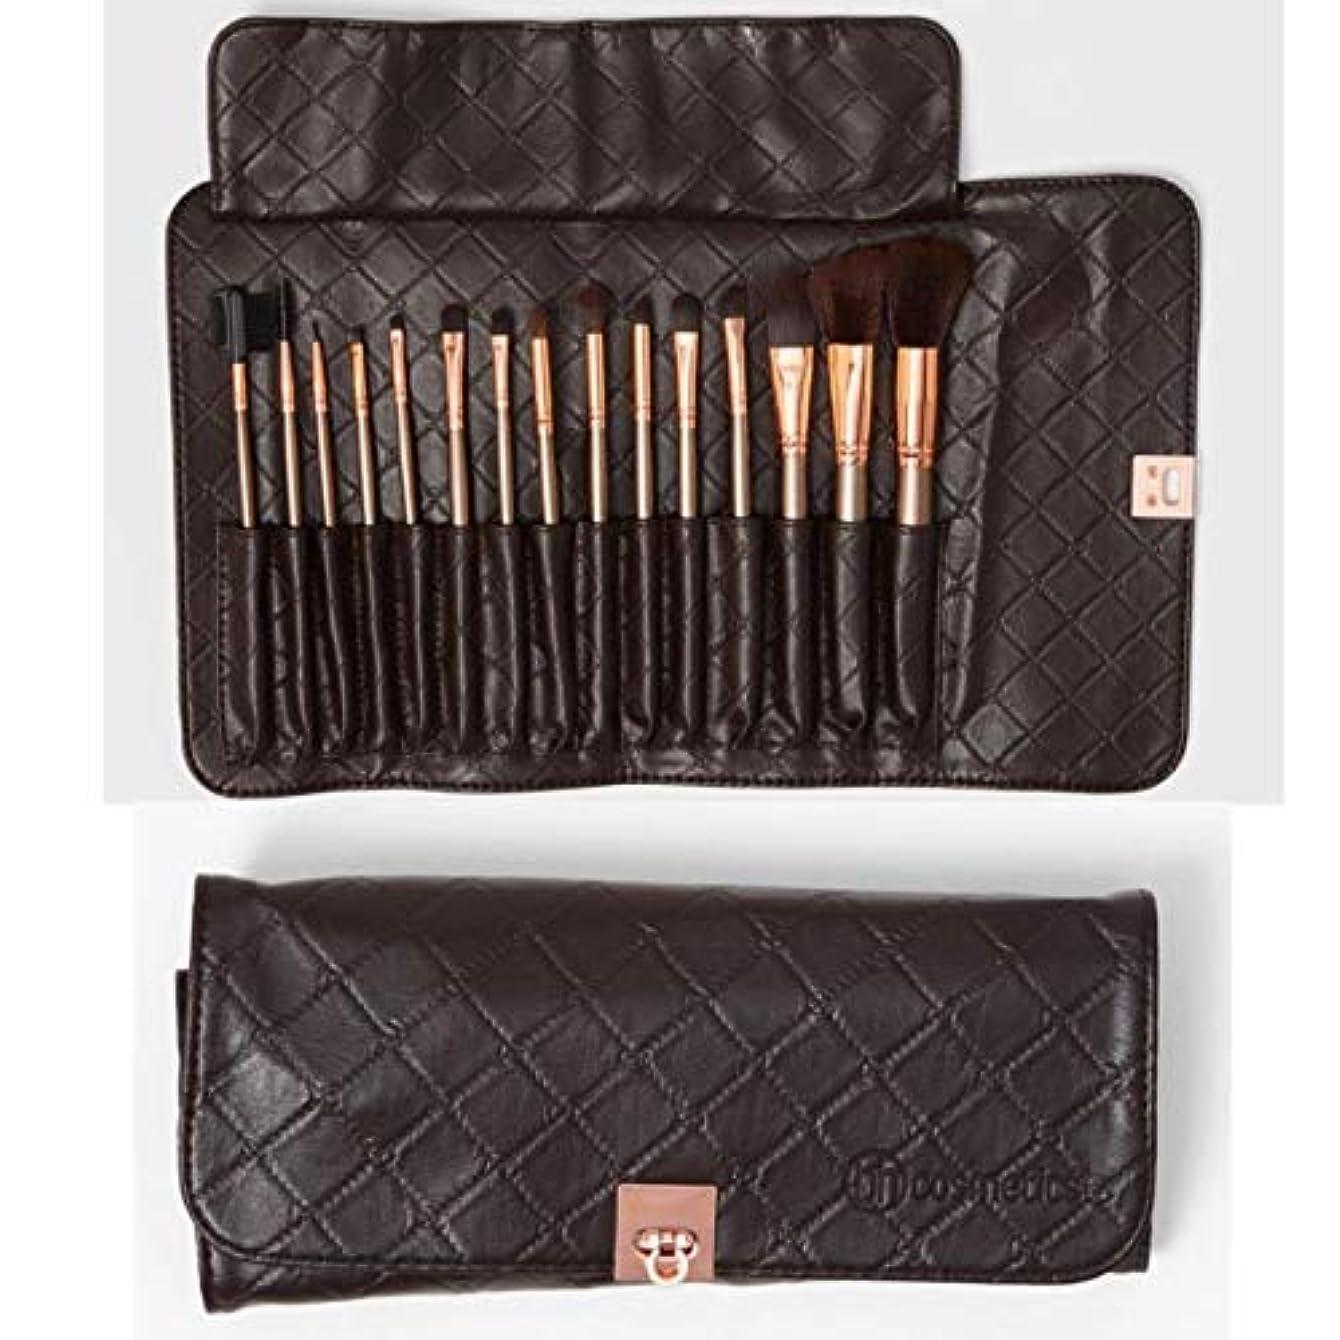 ドラマ提供された関税BH Cosmetics 15 Piece Rose Gold Brush Set [並行輸入品]